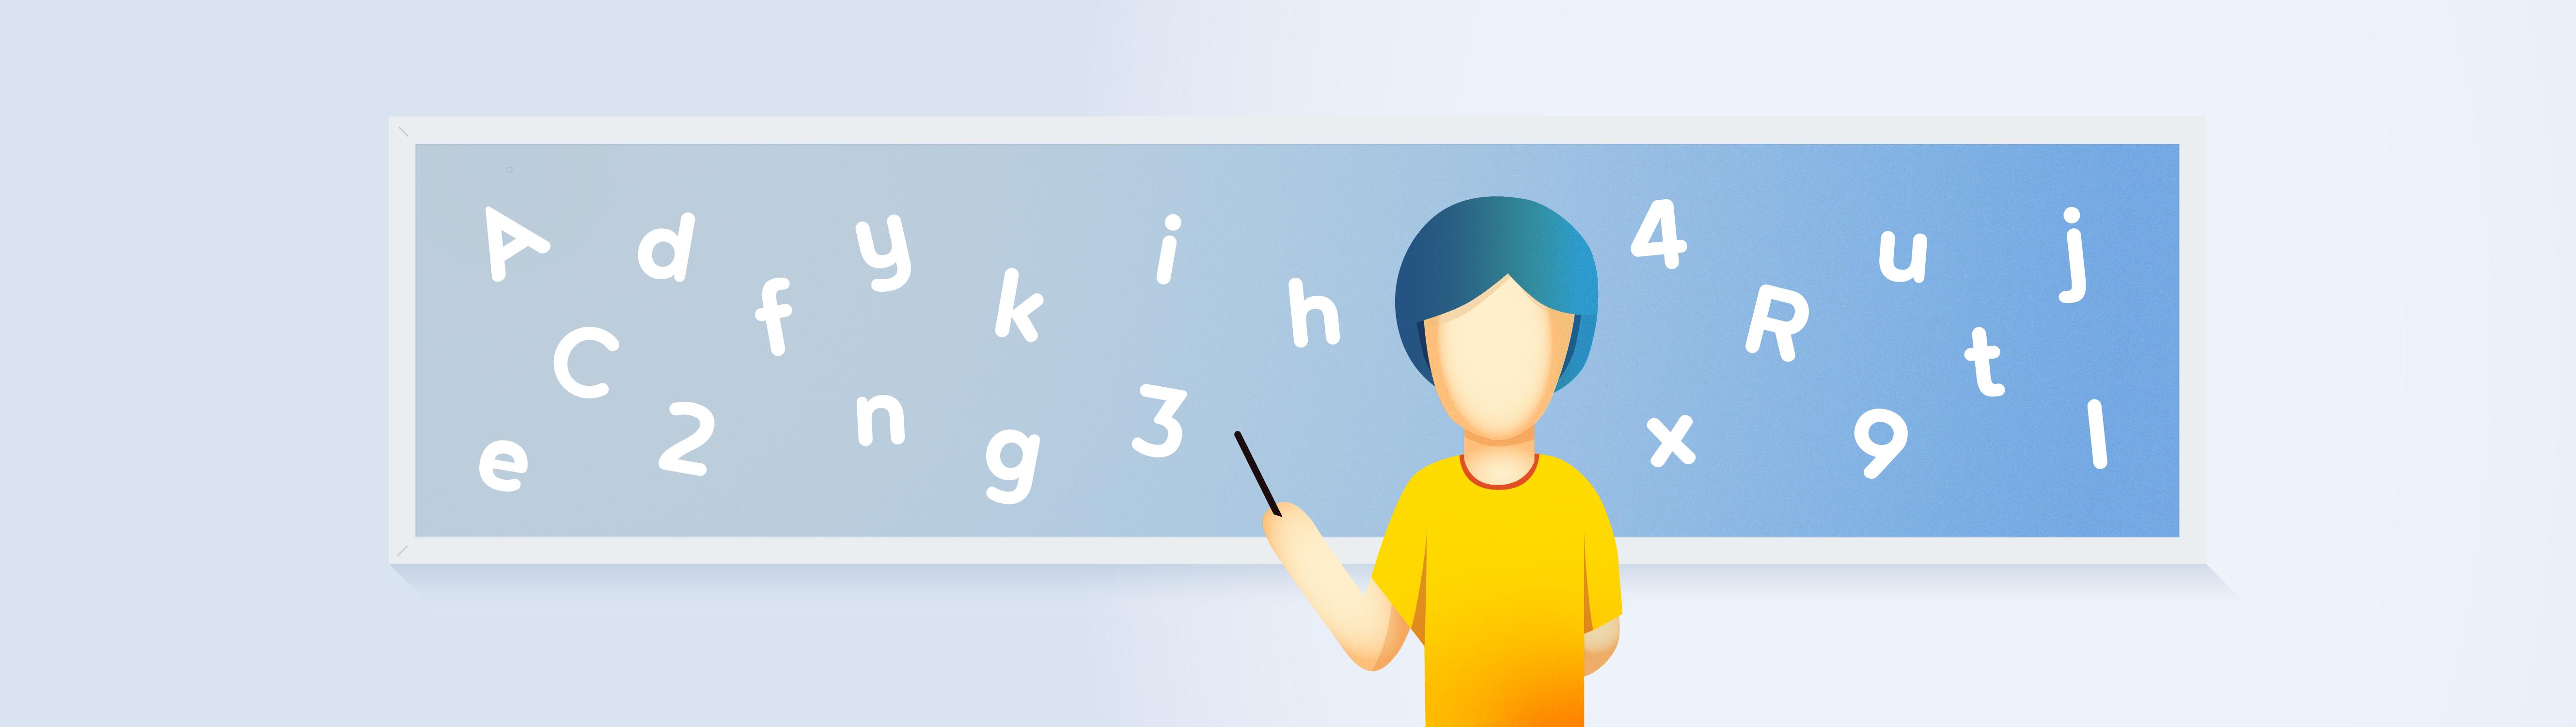 cursos presenciais para entender dislexia